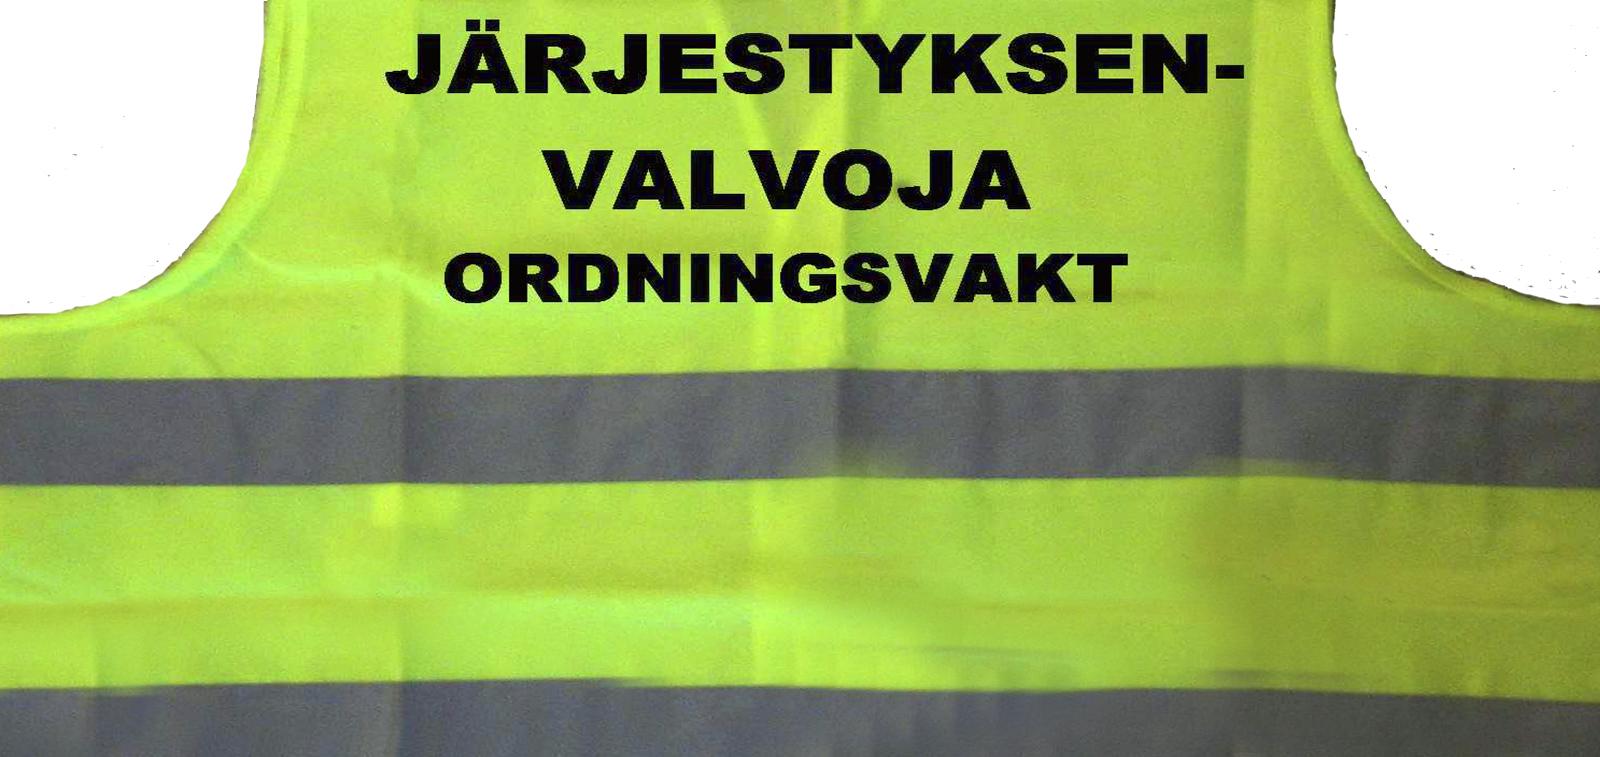 Järjestyksenvalvojakurssi Turku